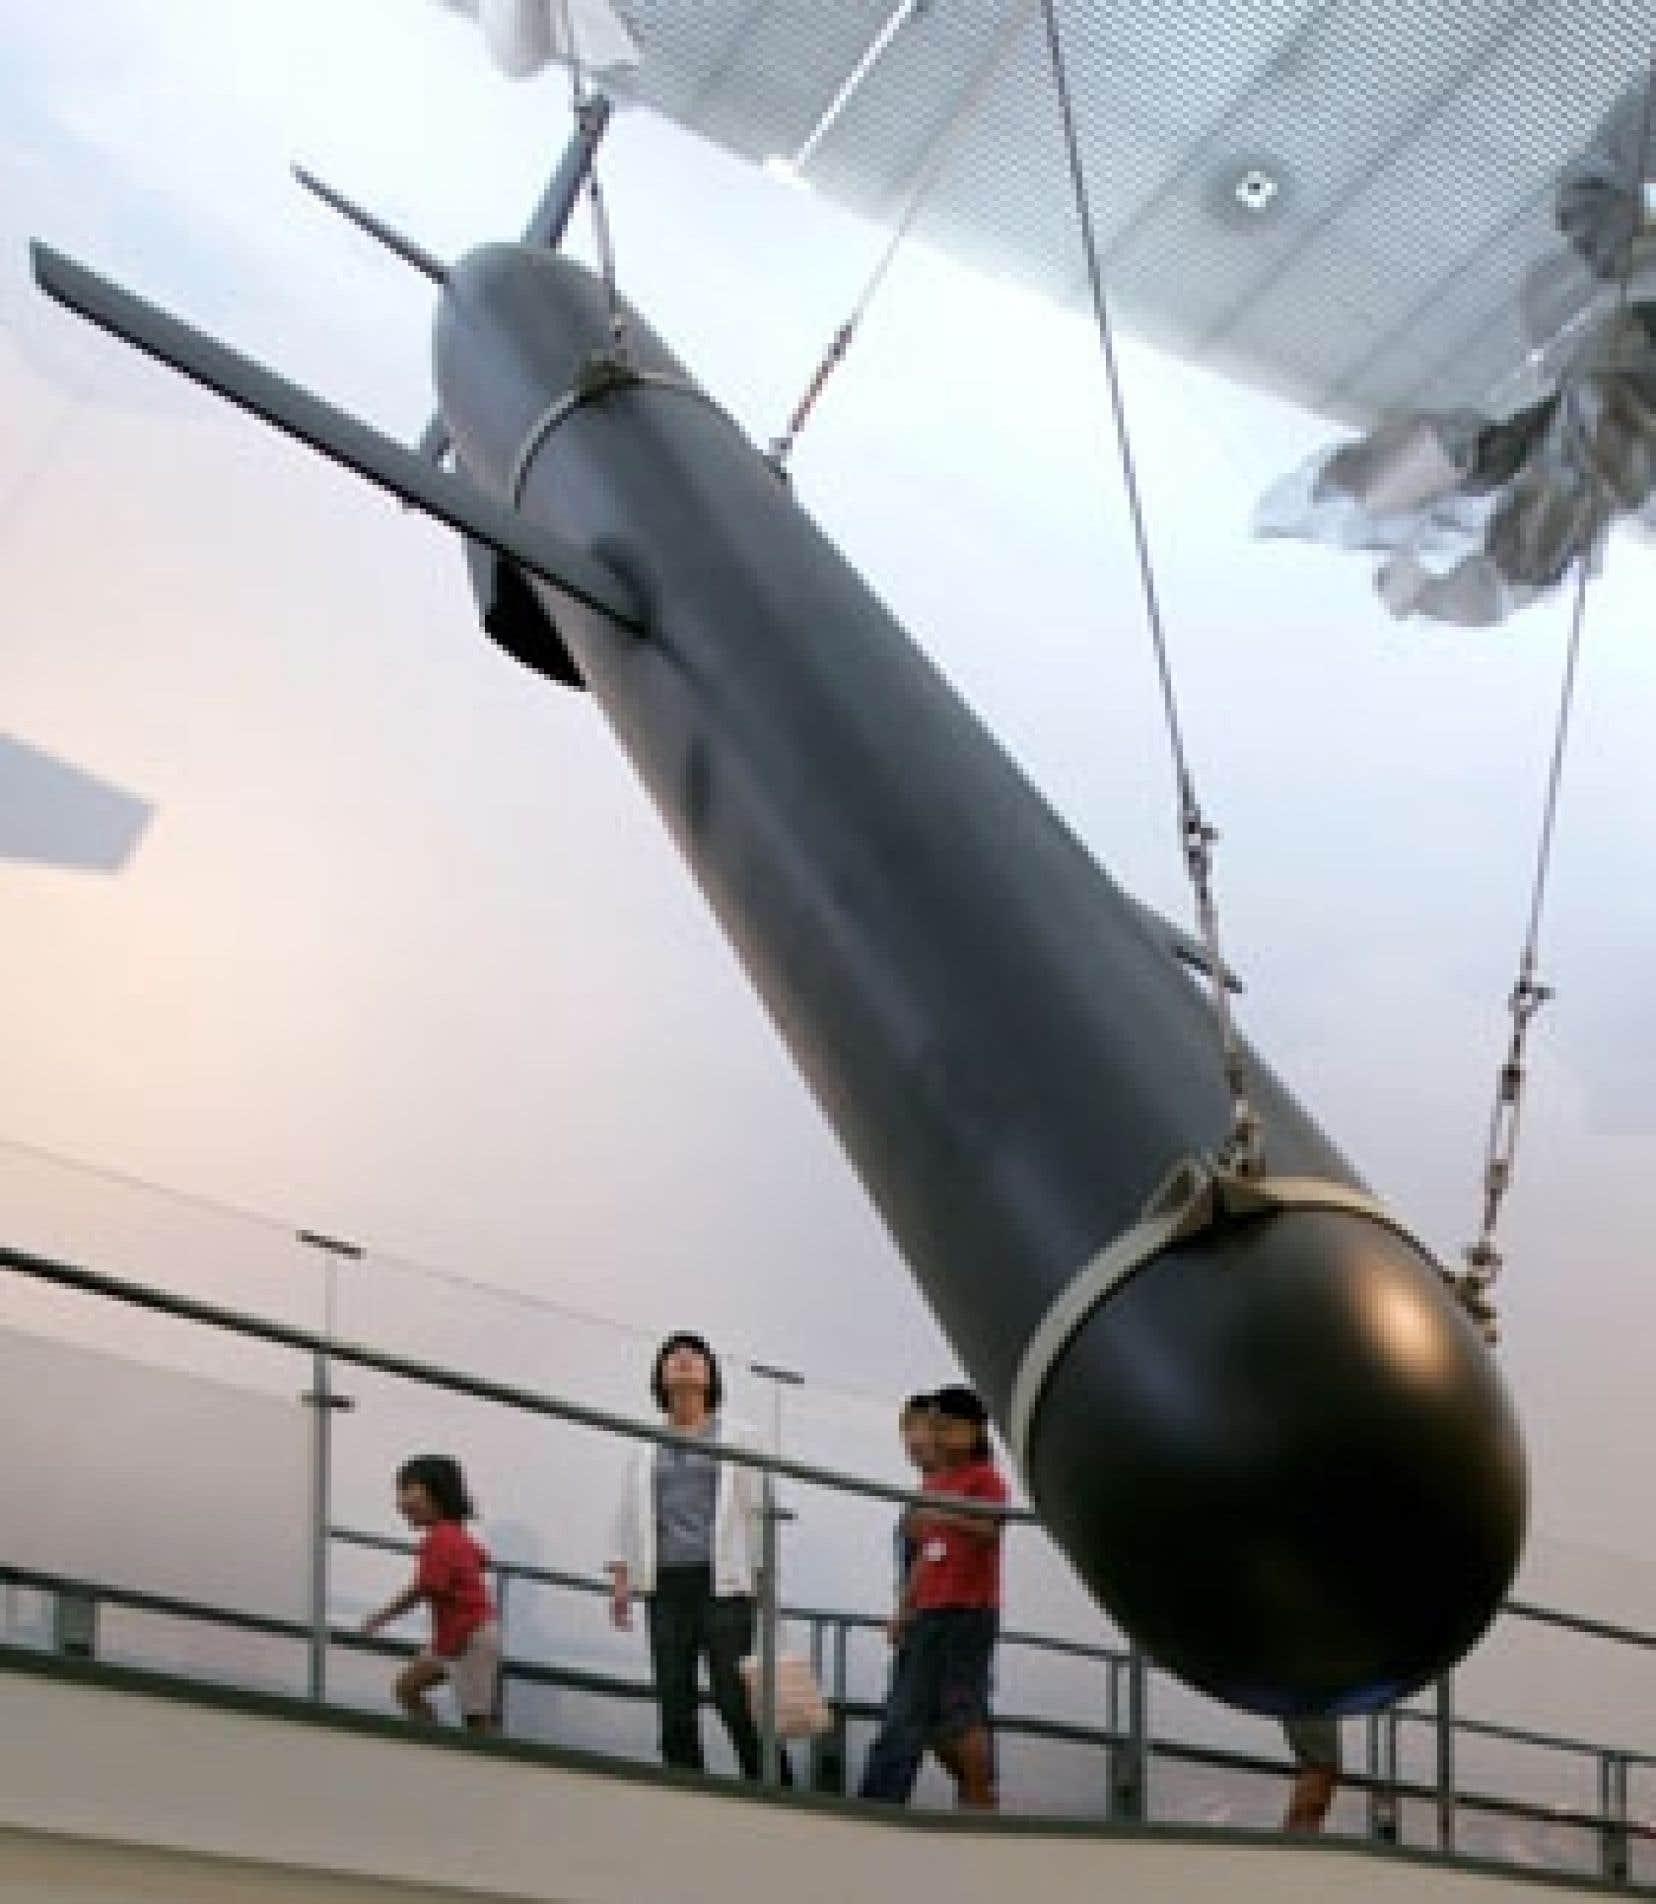 Malgré les réductions faites depuis vingt ans, les États-Unis et la Russie possèdent toujours, respectivement, 9900 et 16 000 ogives nucléaires.